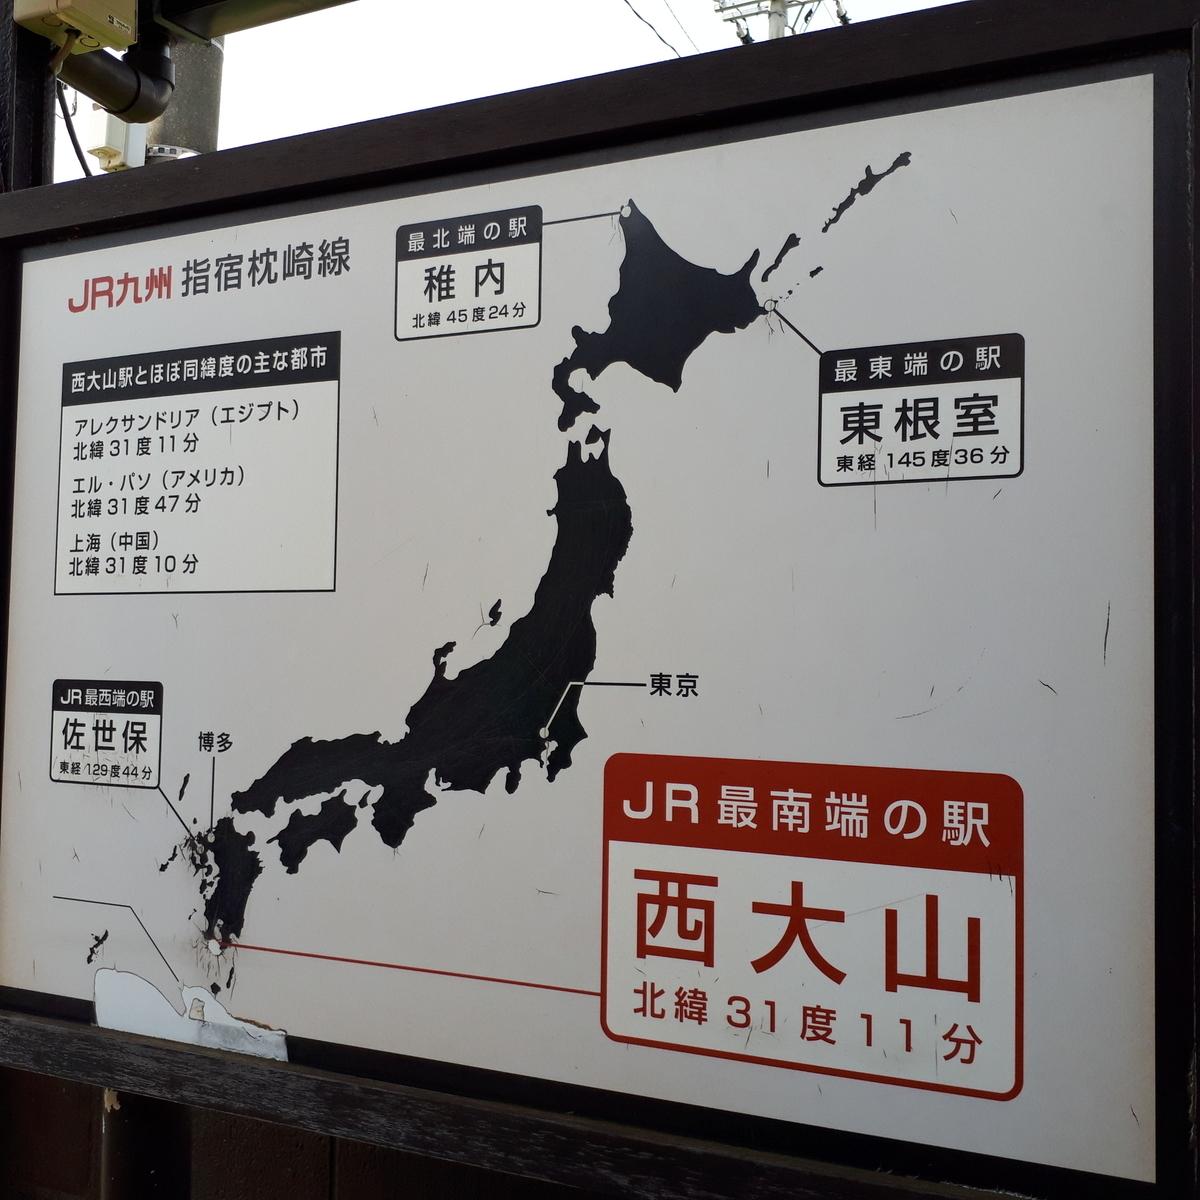 西大山駅 JRの最北端、最南端、最西端、最東端の駅看板